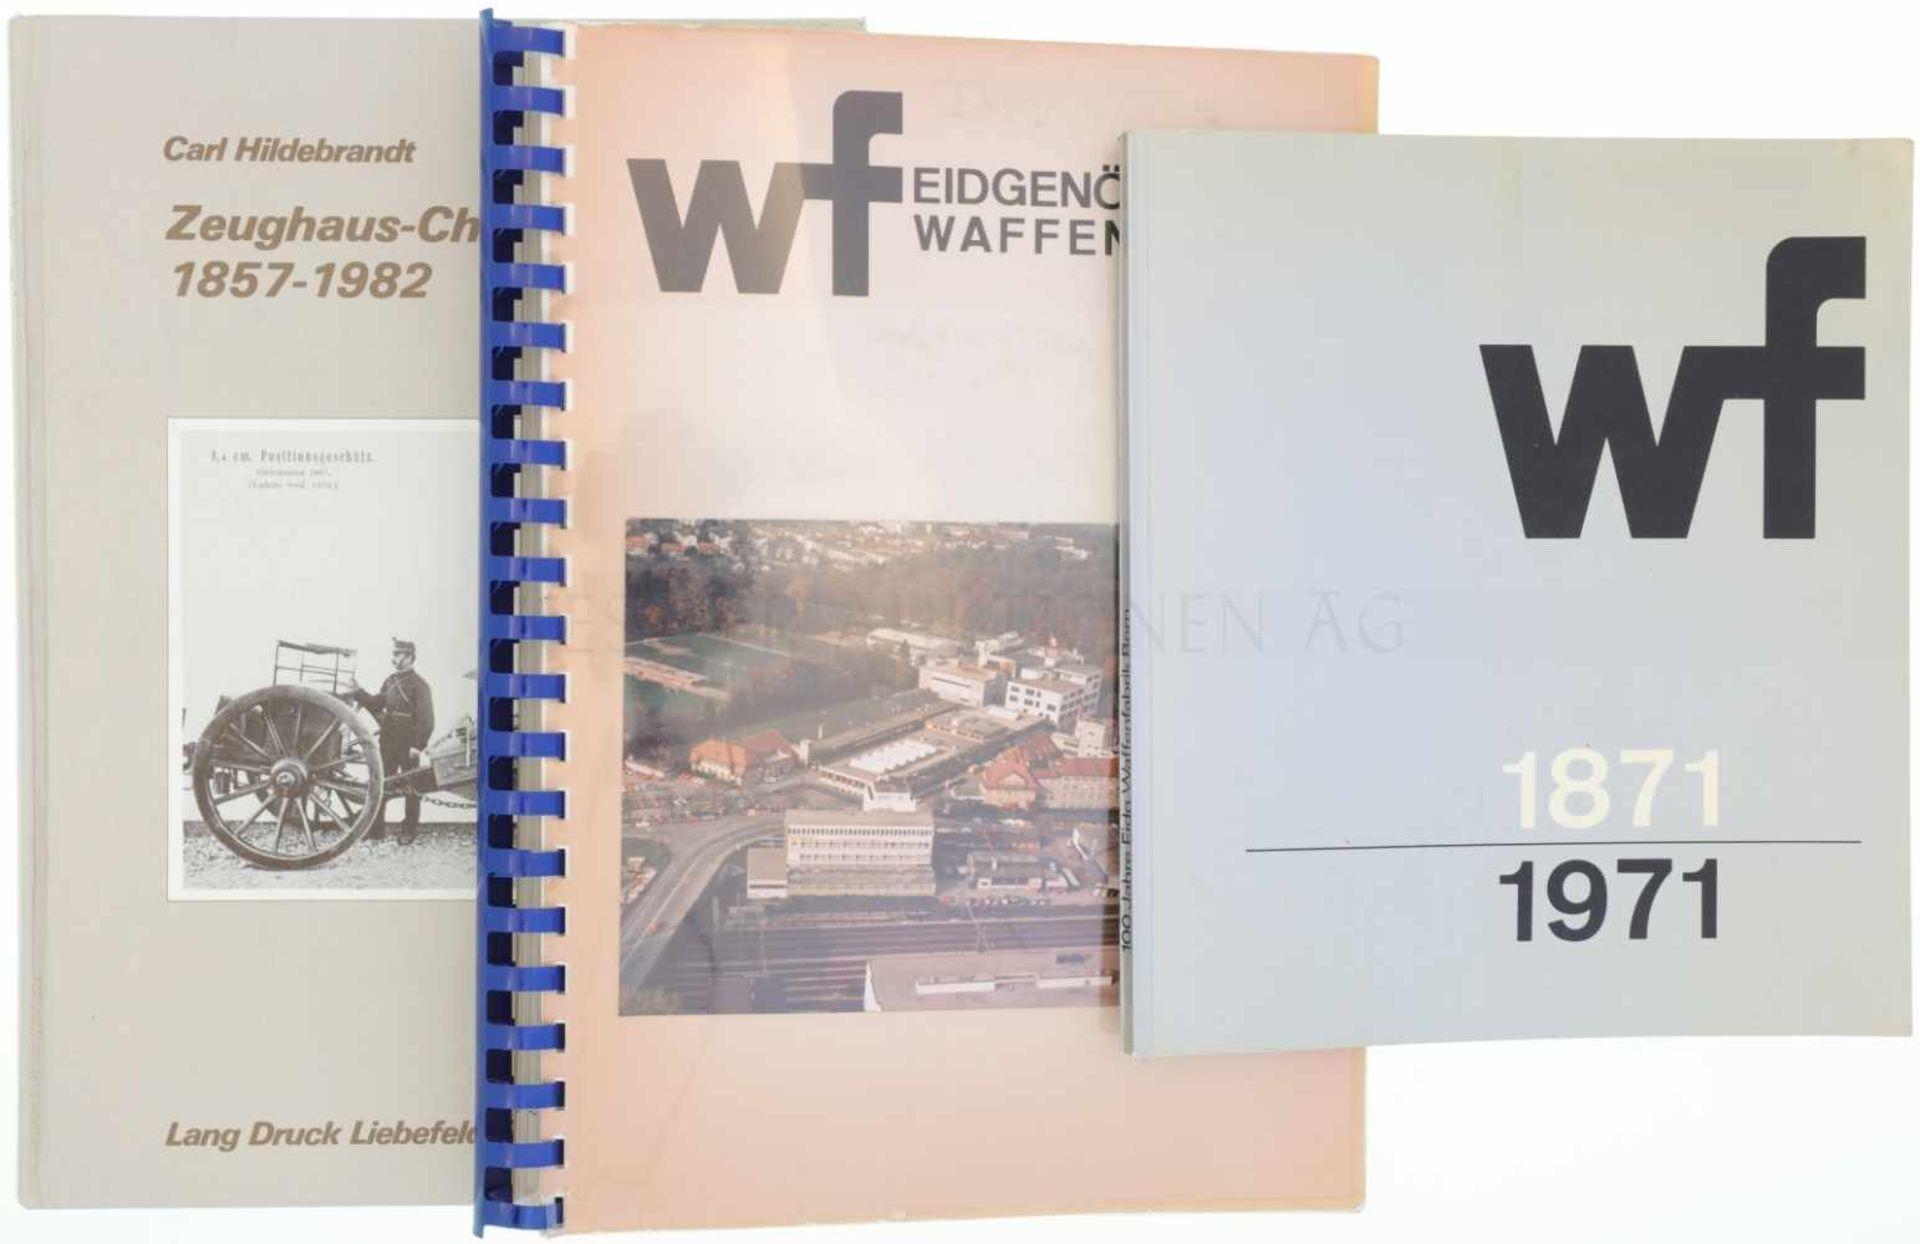 Konvolut von 3 Büchern 1. wf, 100 Jahre Eidgenössische Waffenfabrik Bern, 1871-1971. Sehr spannendes